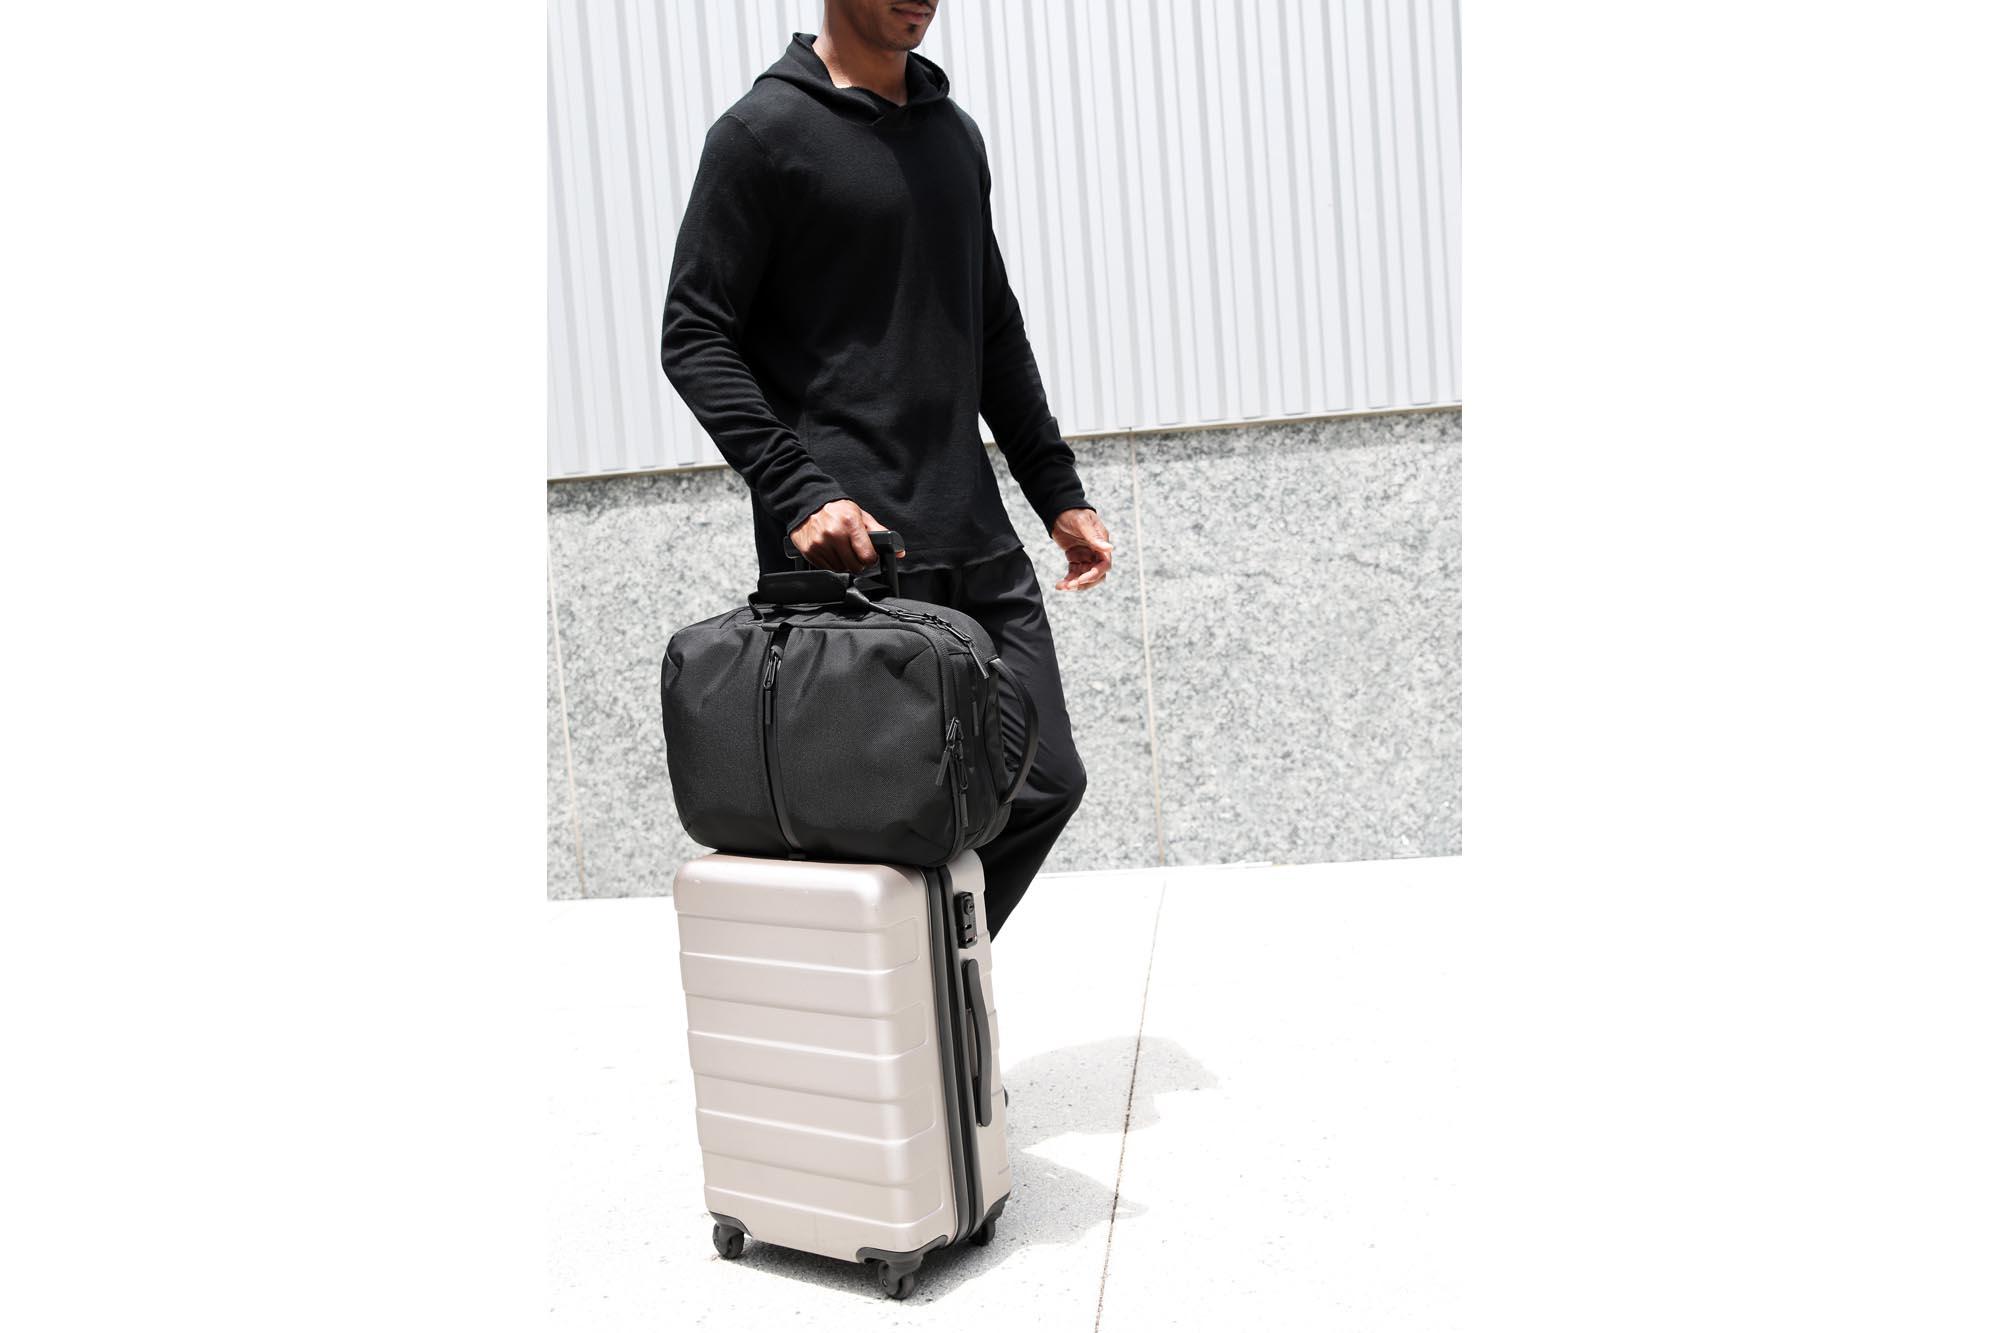 21010_flt2_black_luggage.JPG